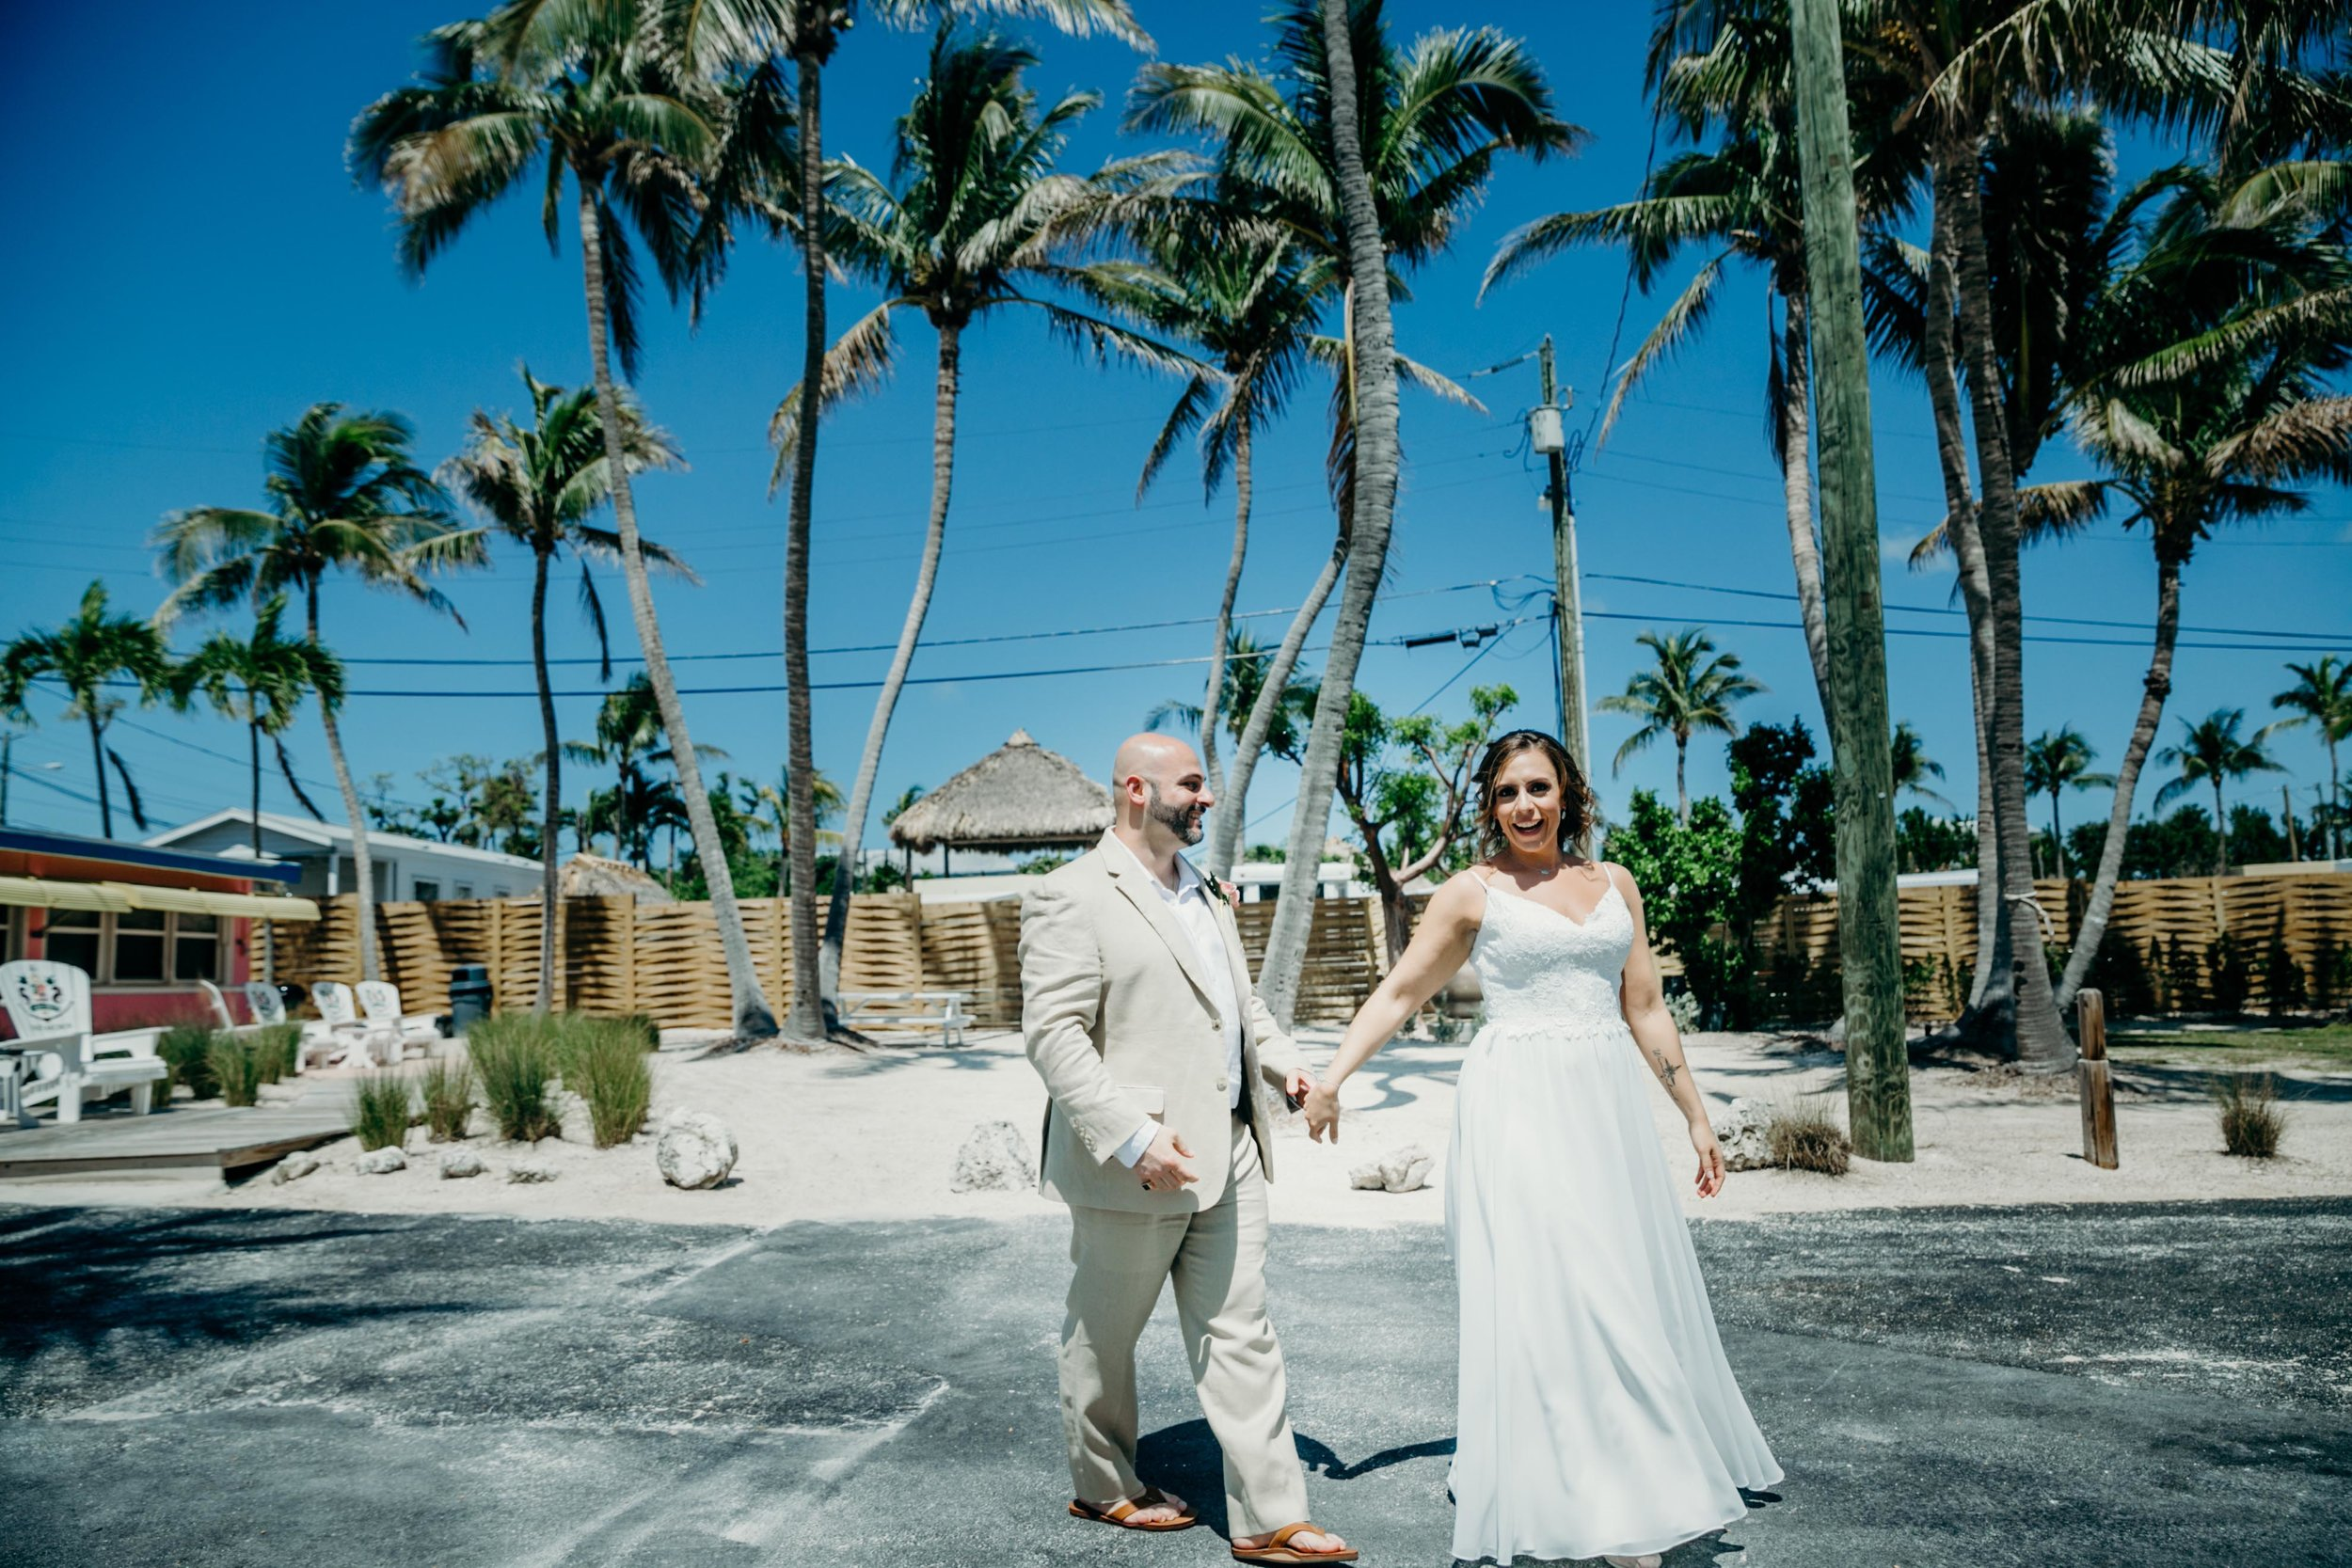 fotografia matrimonio Florida3.jpg